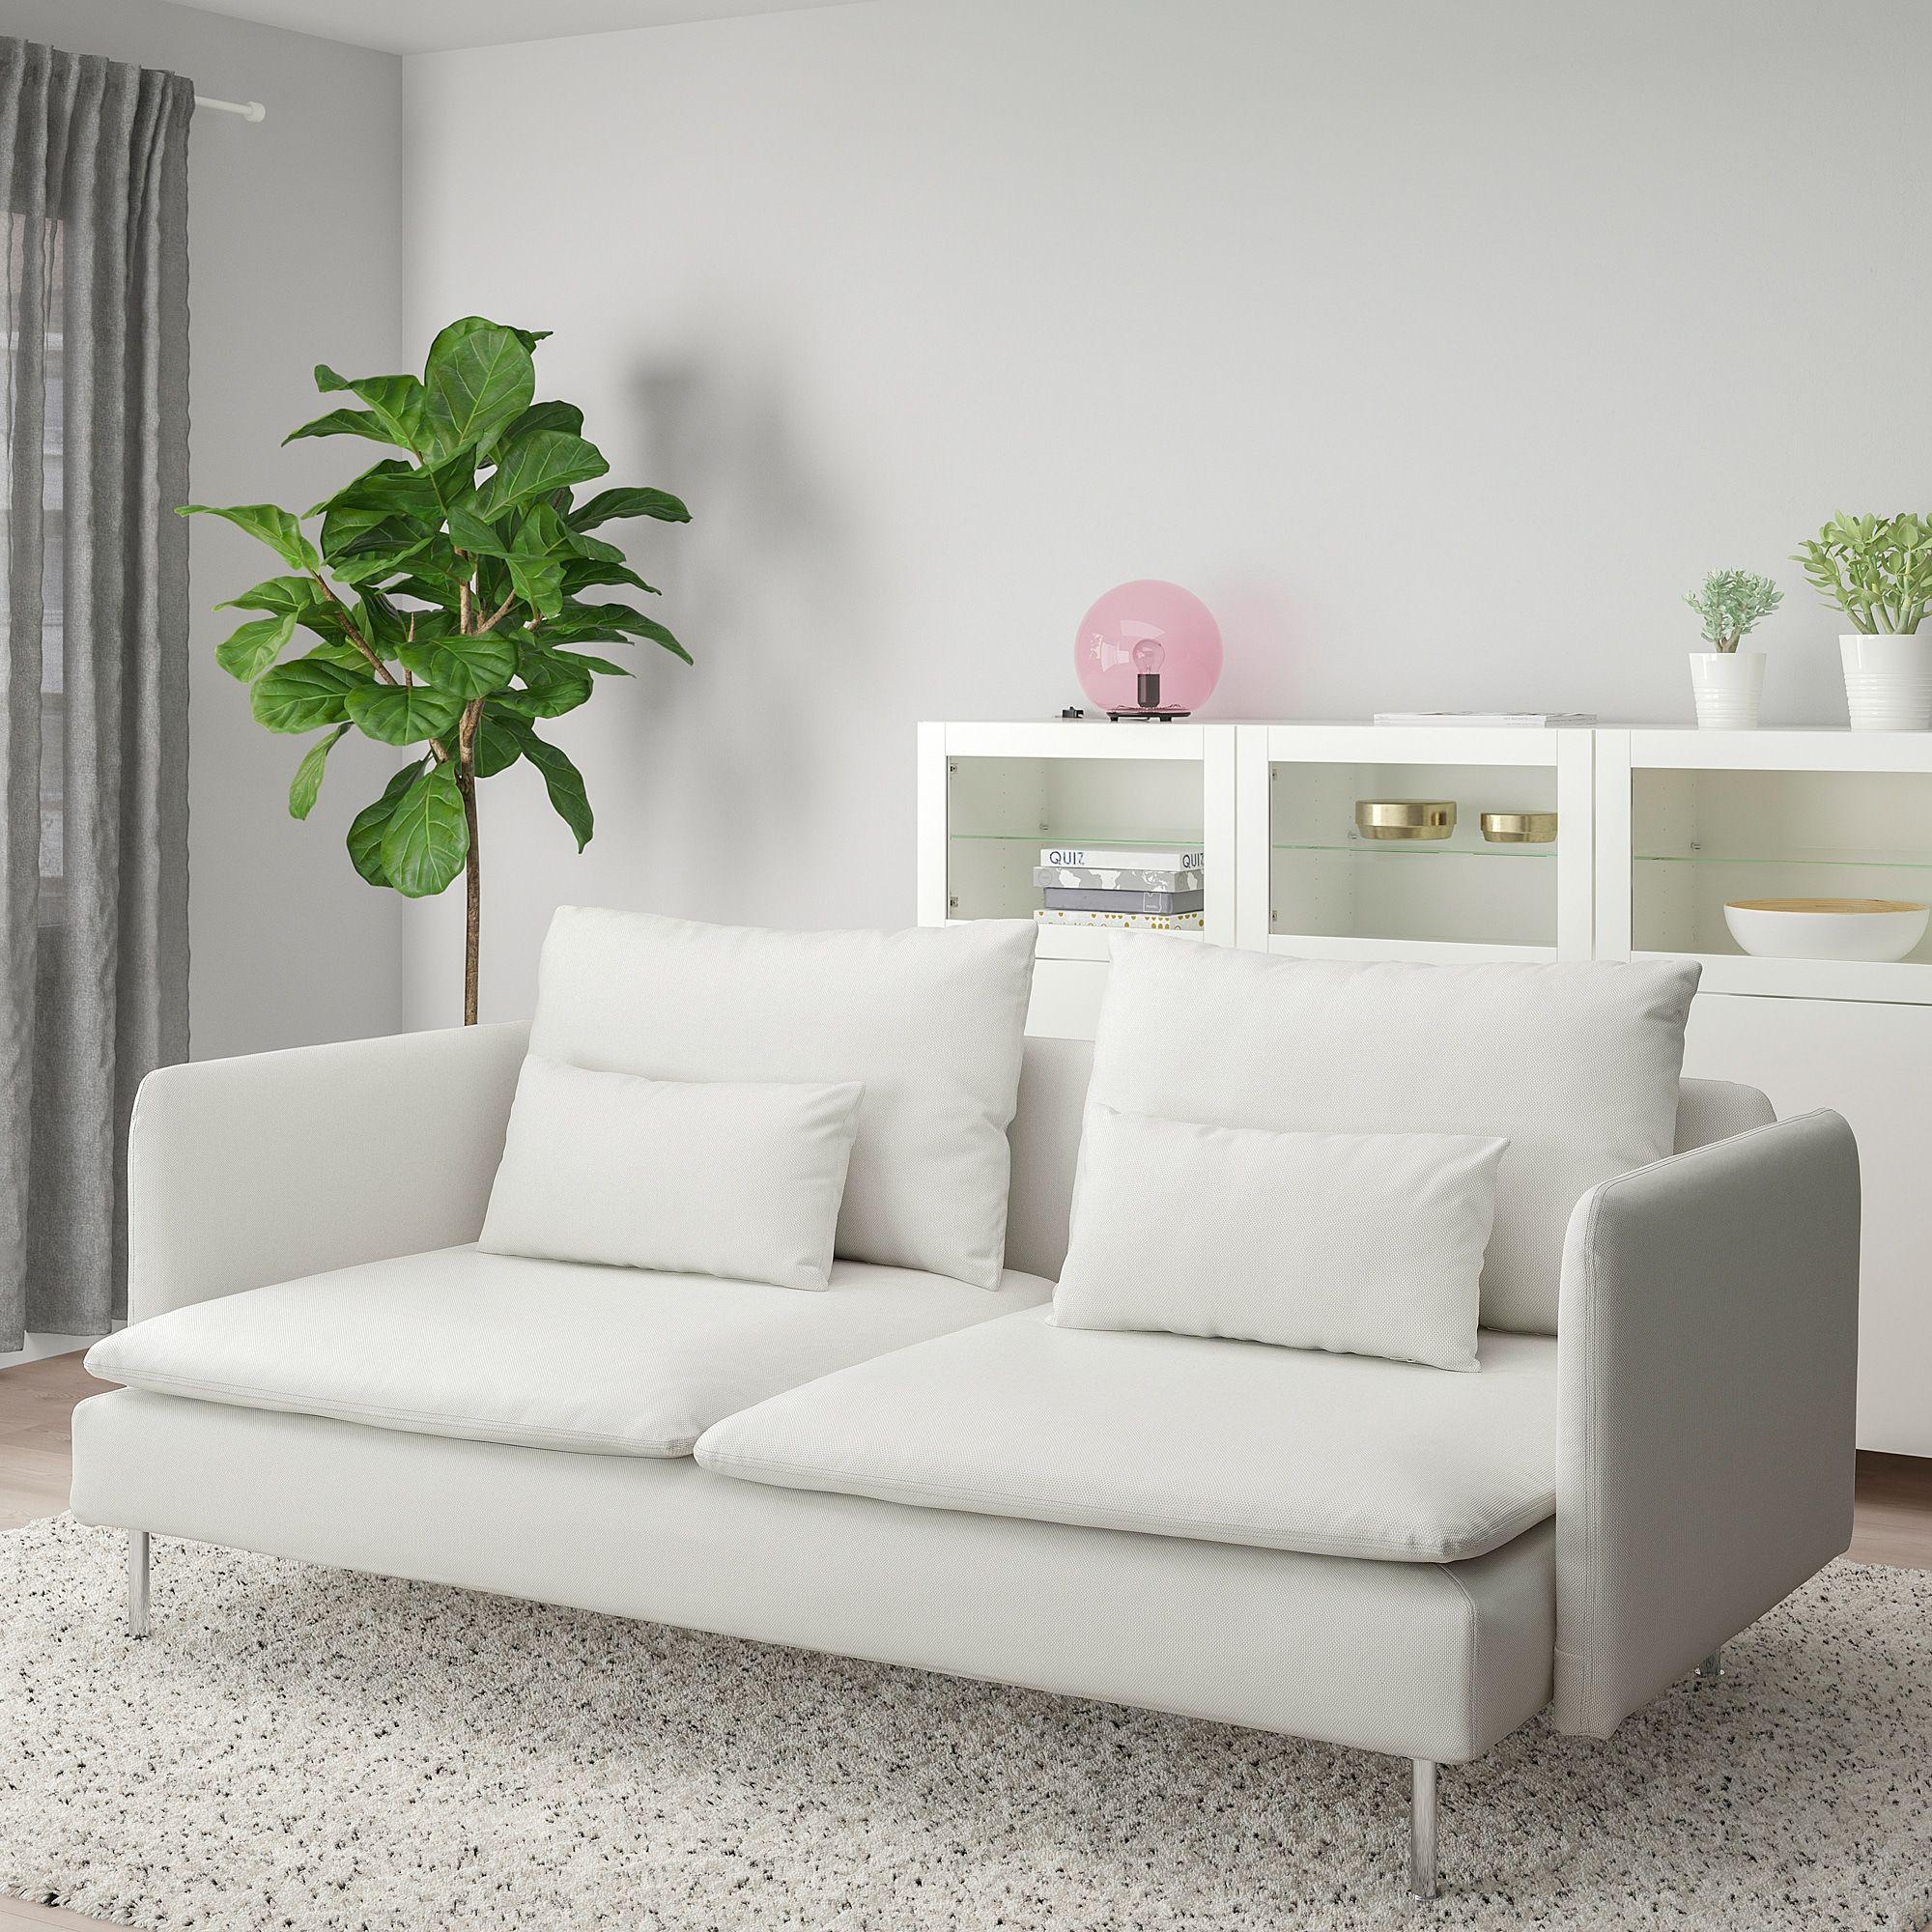 SÖDERHAMN Sofa Finnsta white IKEA Ikea, Comfortable